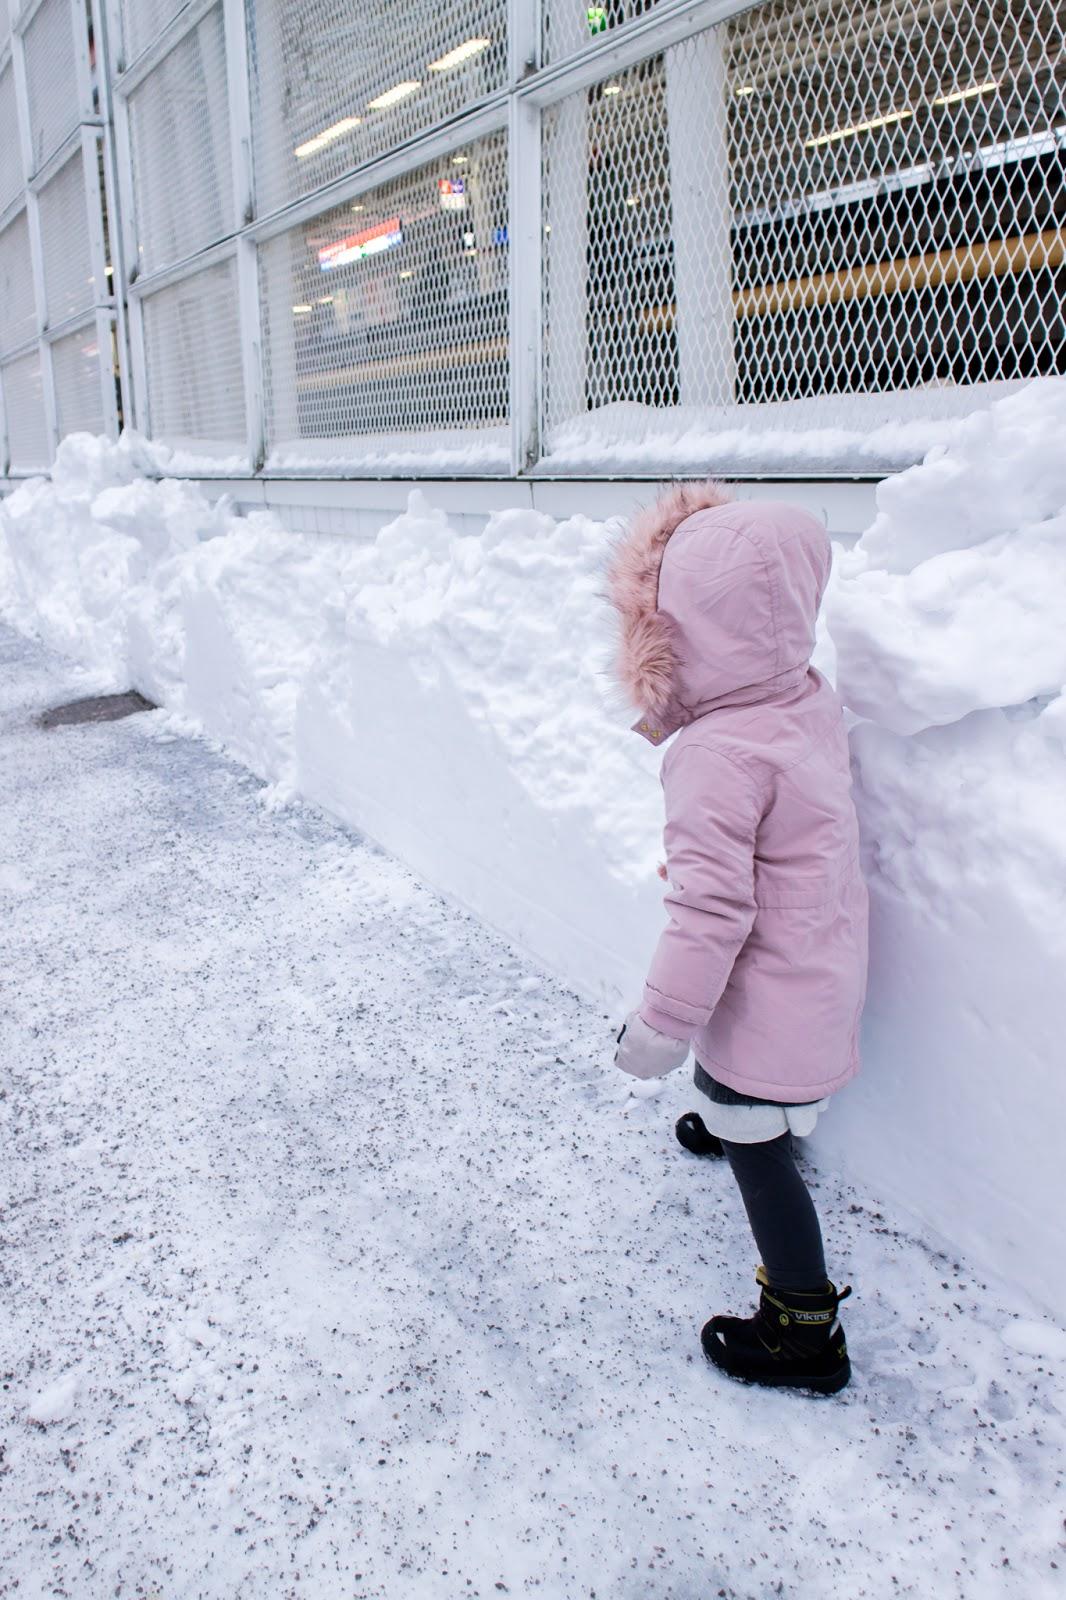 viikkokatsaus, arki, lapsiperhe, Helsinki, Helmikuu